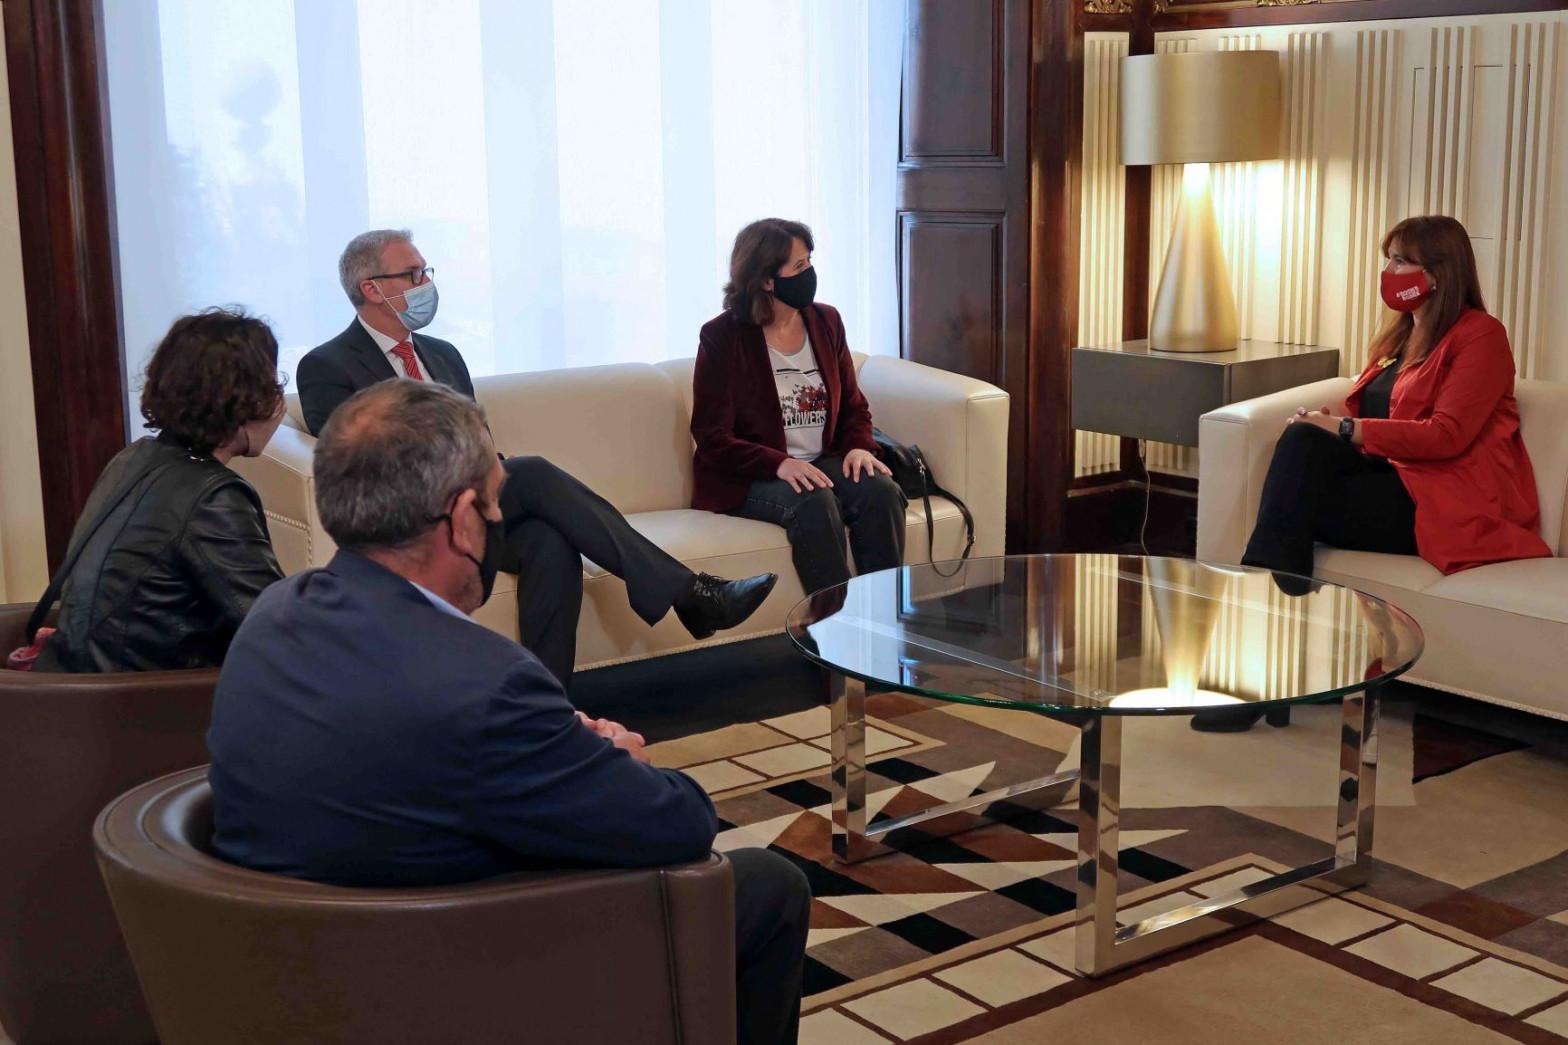 La presidenta del Parlament recibe a ANC y Òmnium pero planta a Societat Civil Catalana